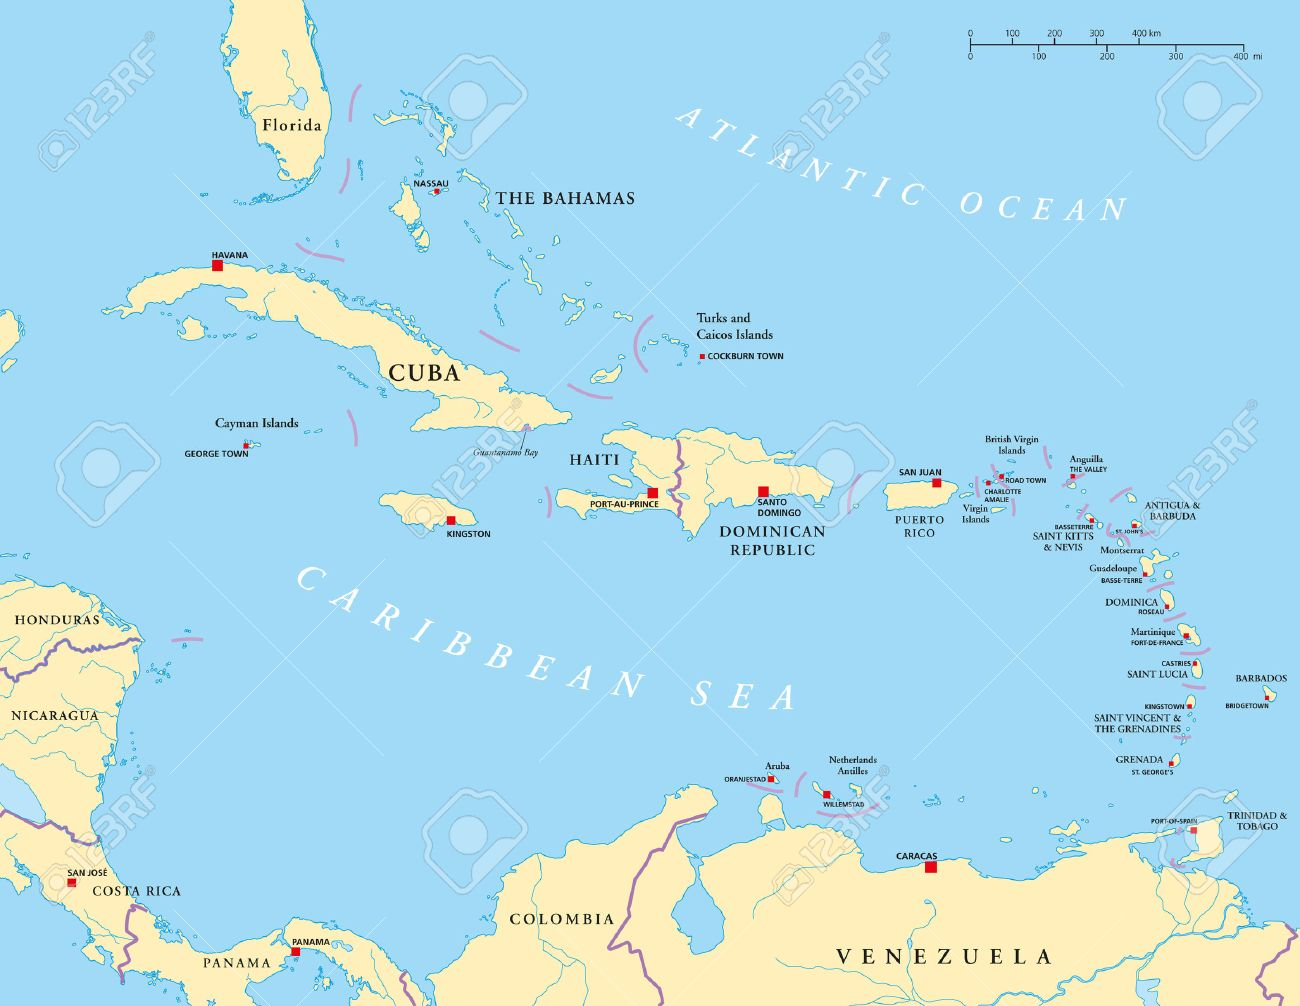 Karibik Grosse Und Kleine Antillen Politische Karte Lizenzfrei